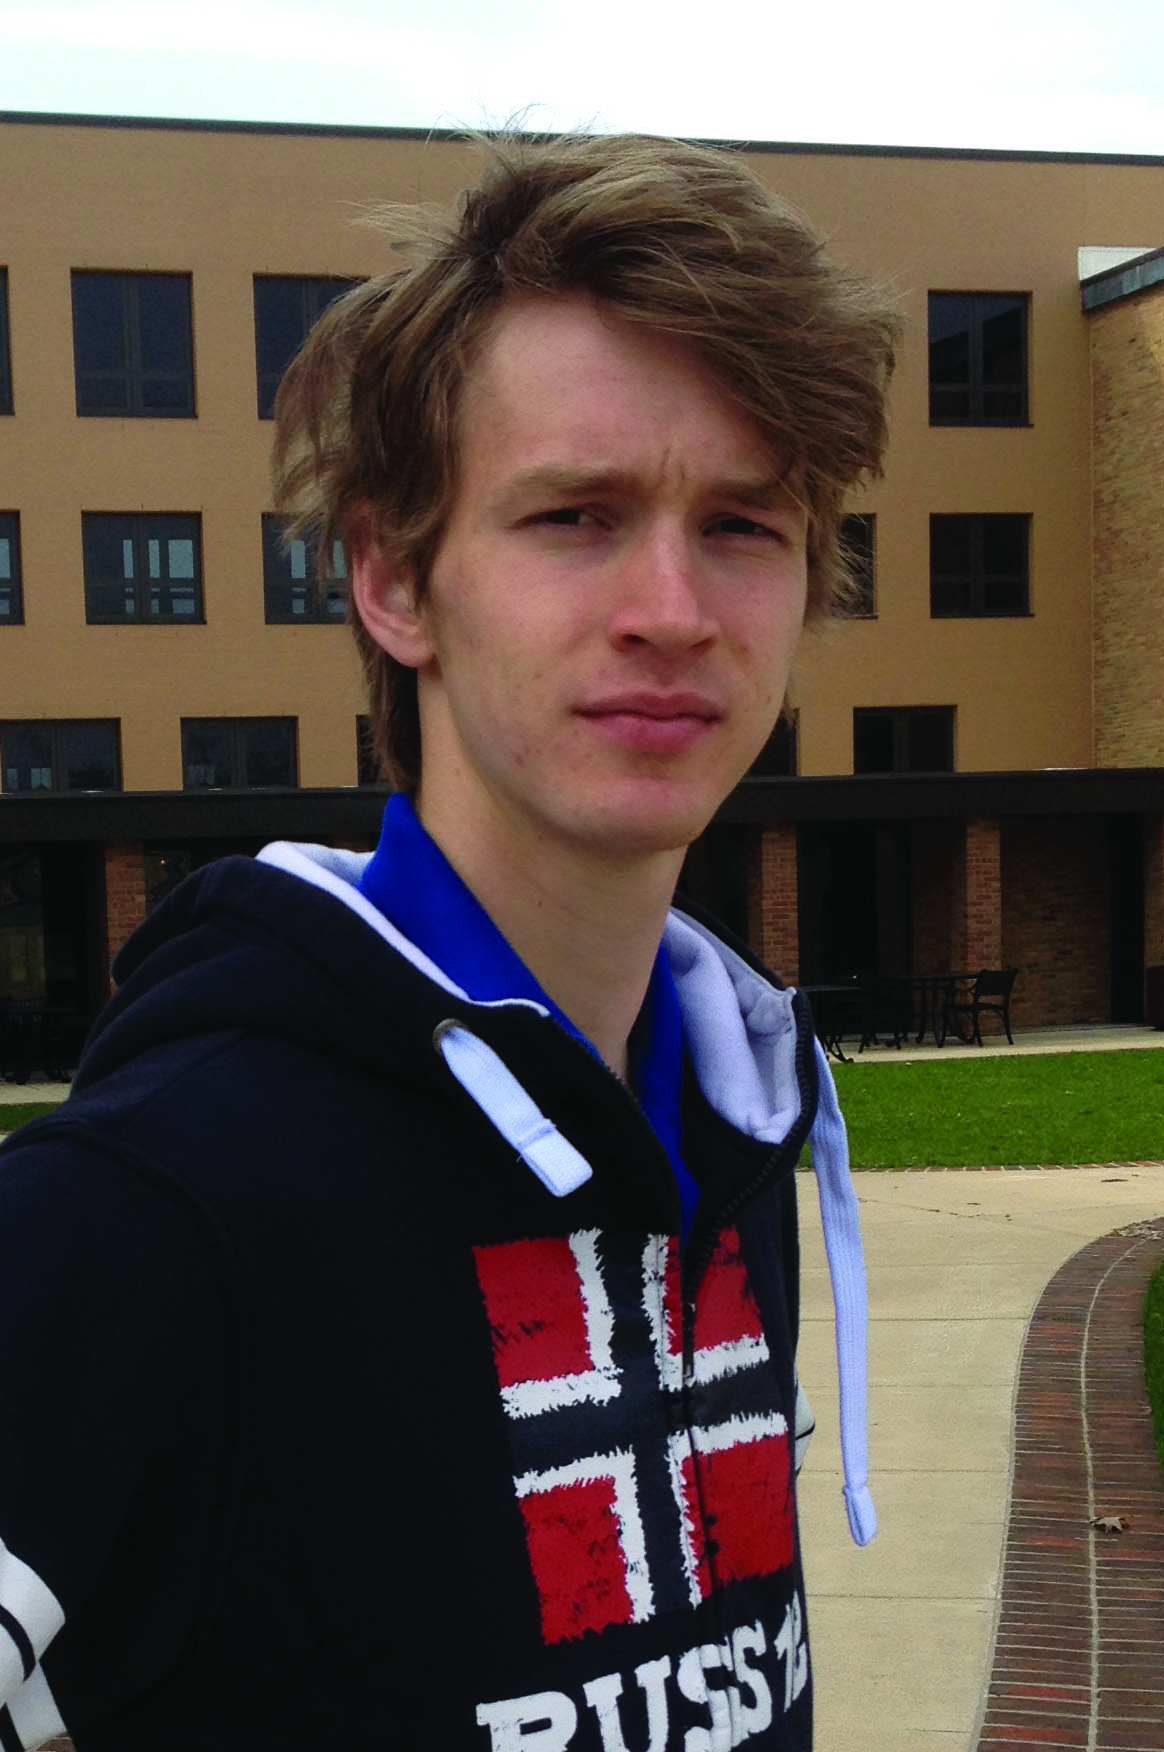 Portrait of Jon Kaasa on campus